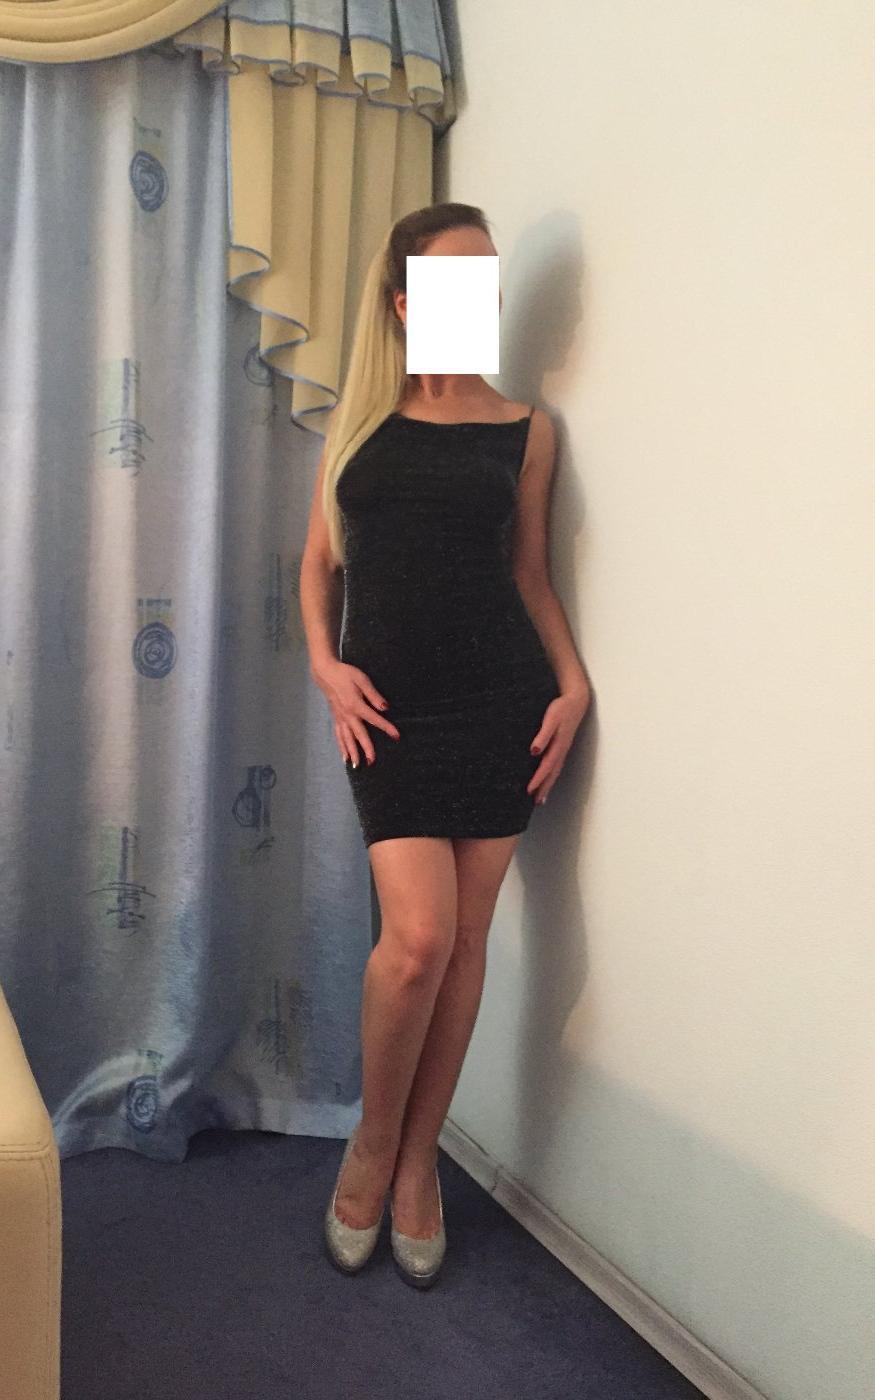 Путана Лада, 22 года, метро Электрозаводская